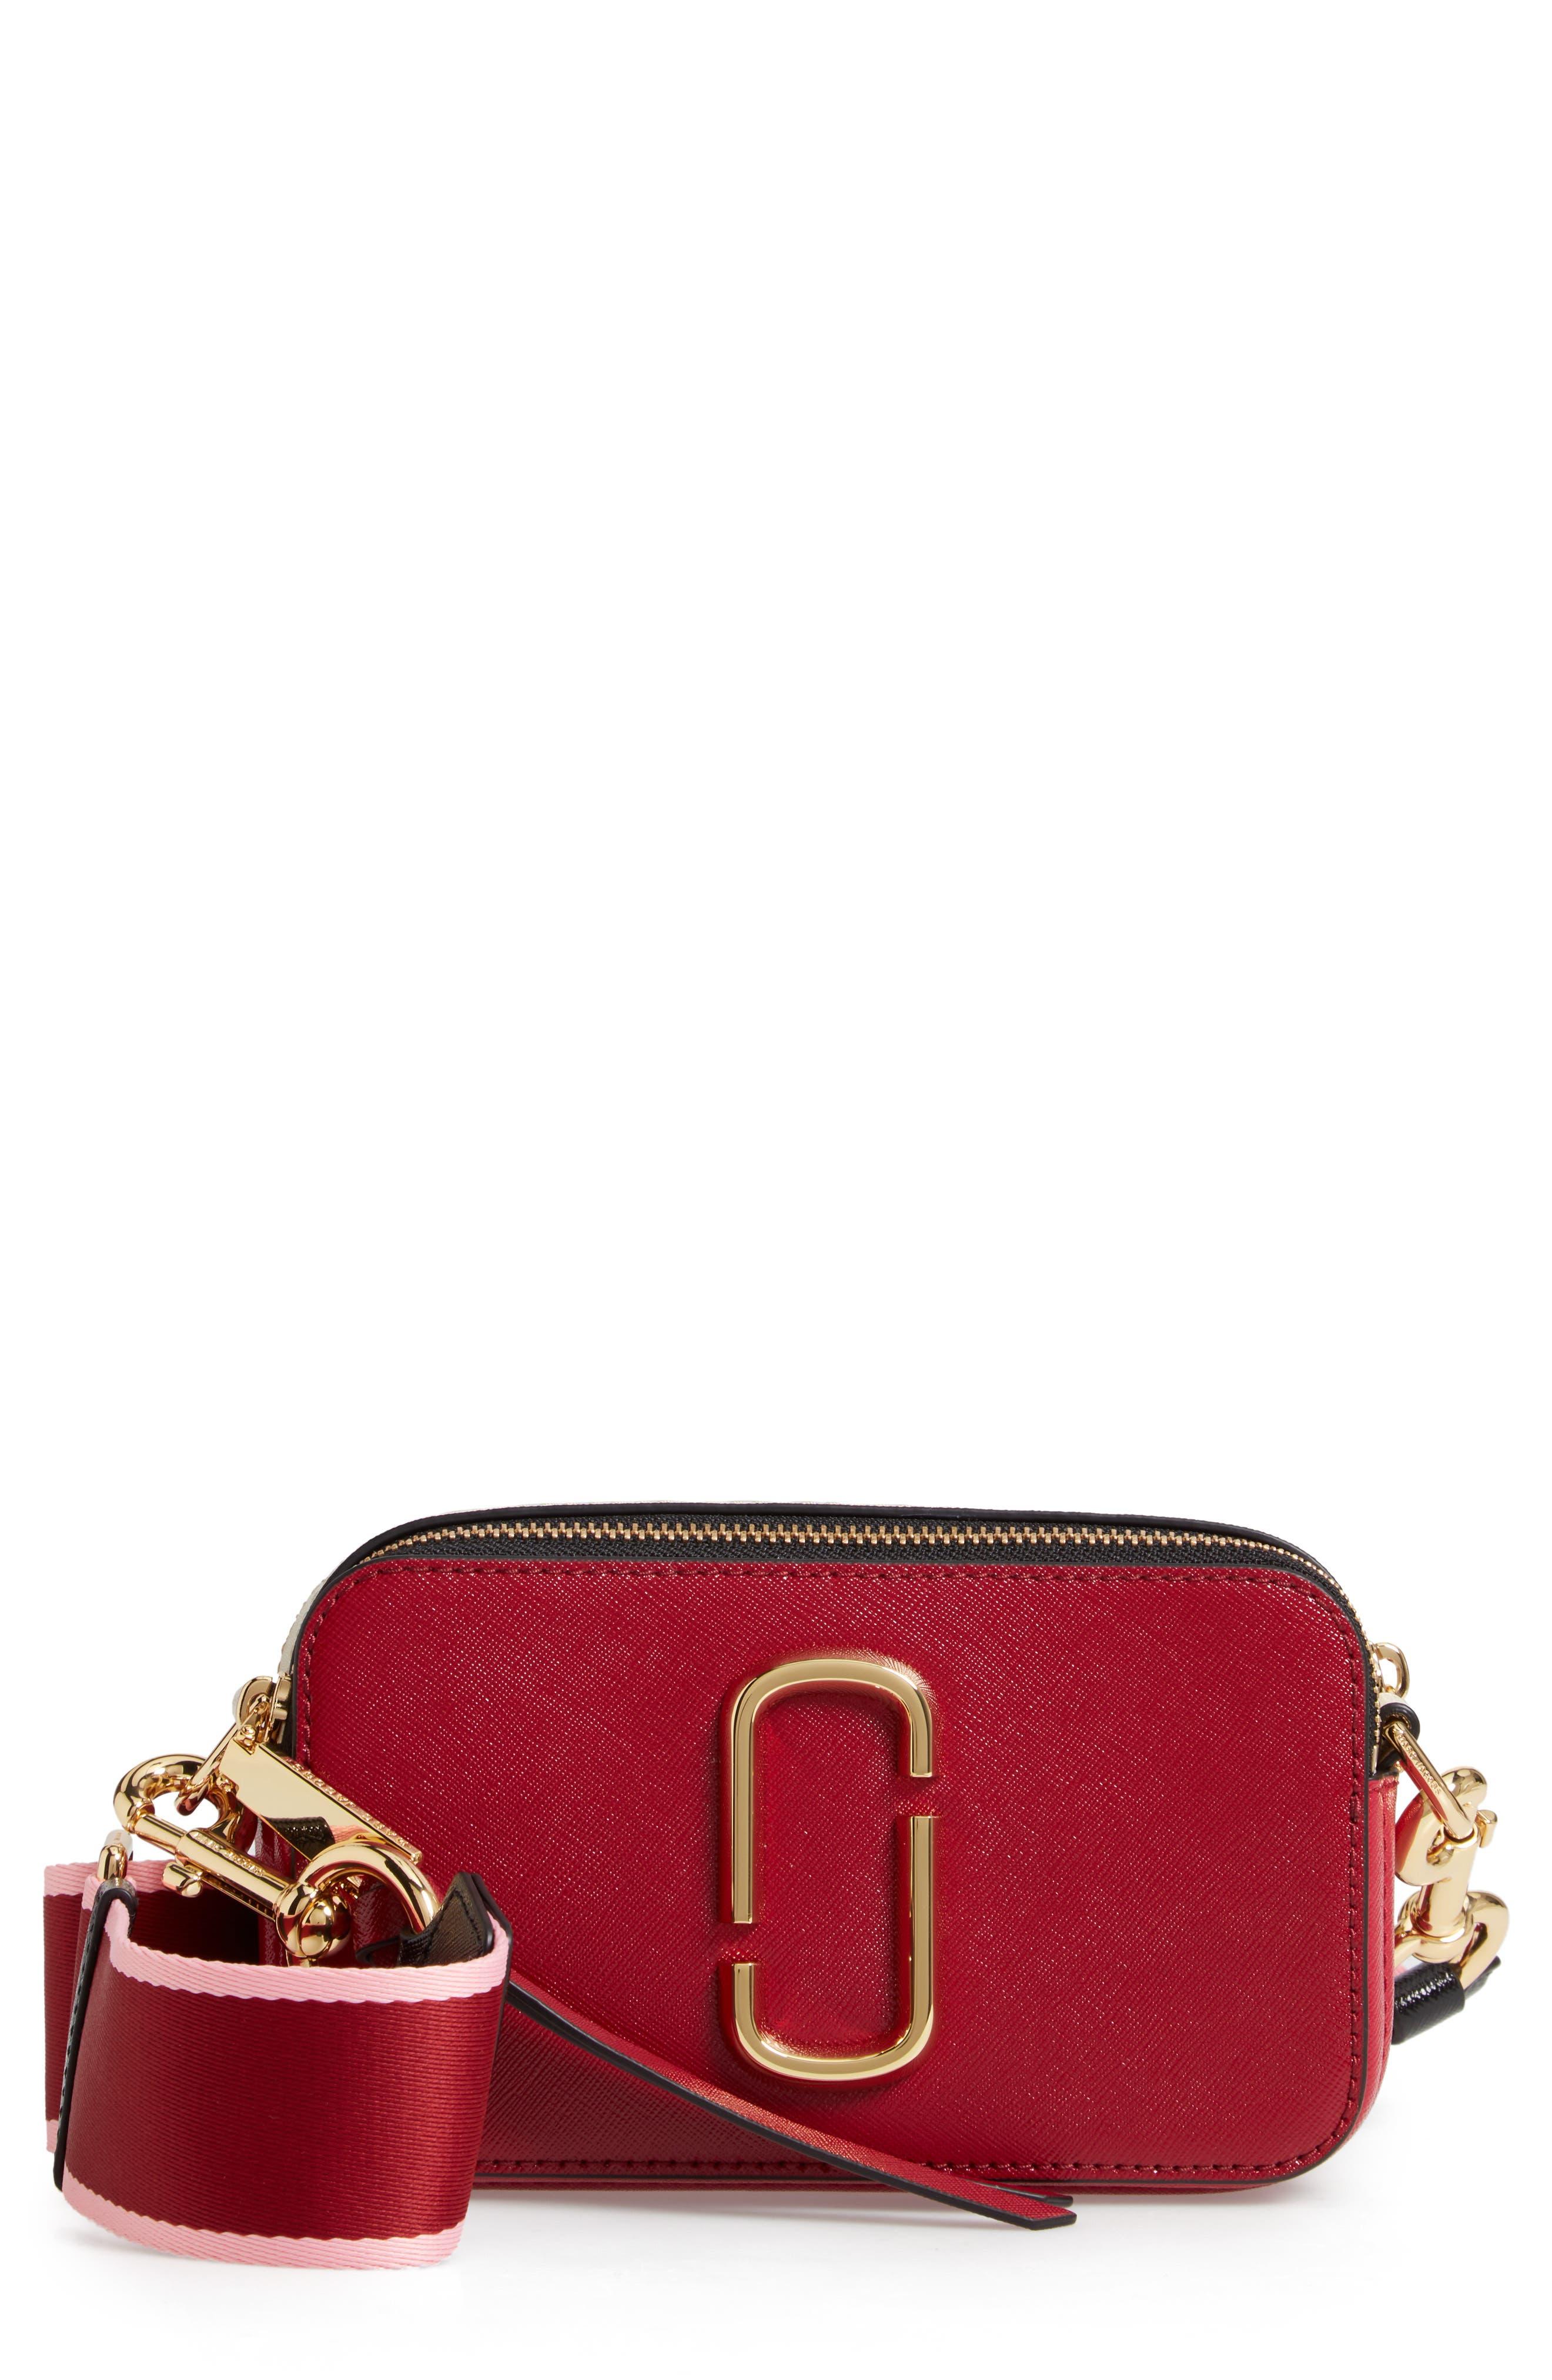 7df6110ba Women's MARC JACOBS Handbags | Nordstrom